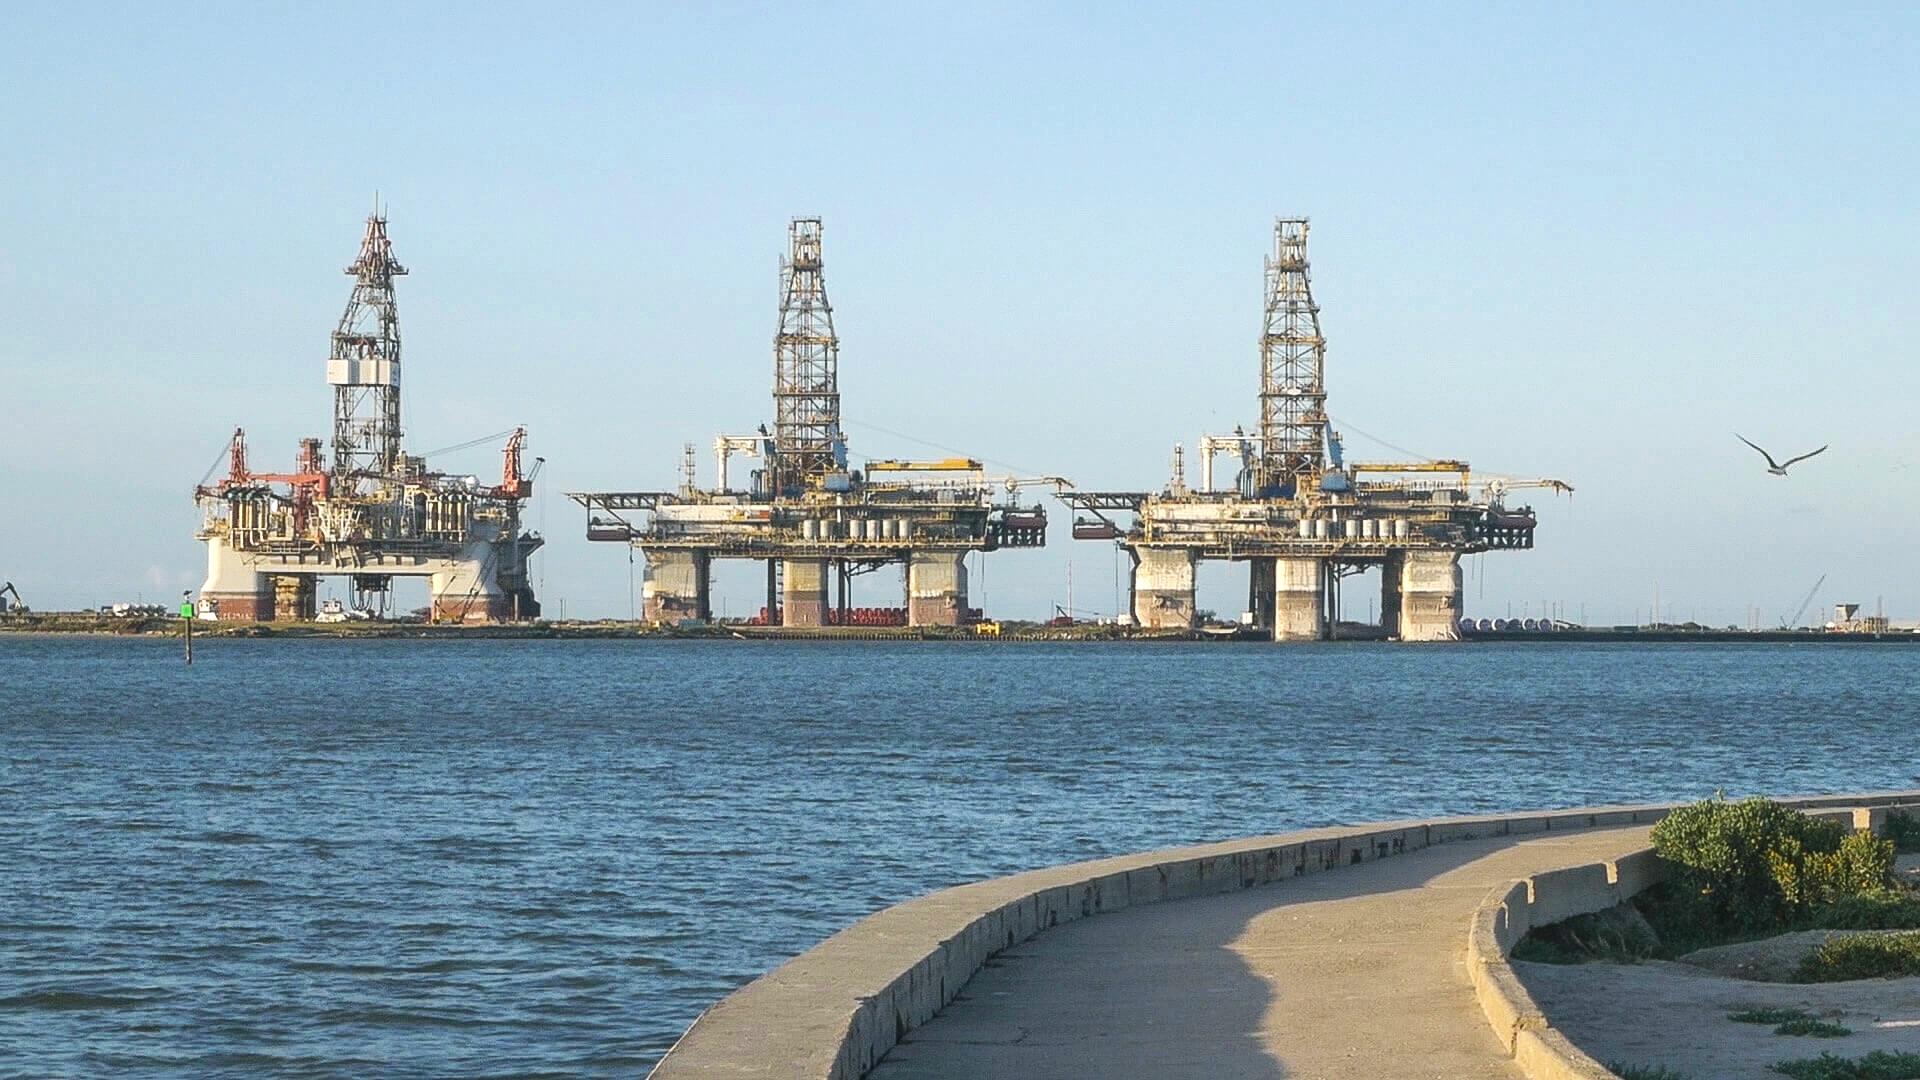 Port Aransas Oil Rig